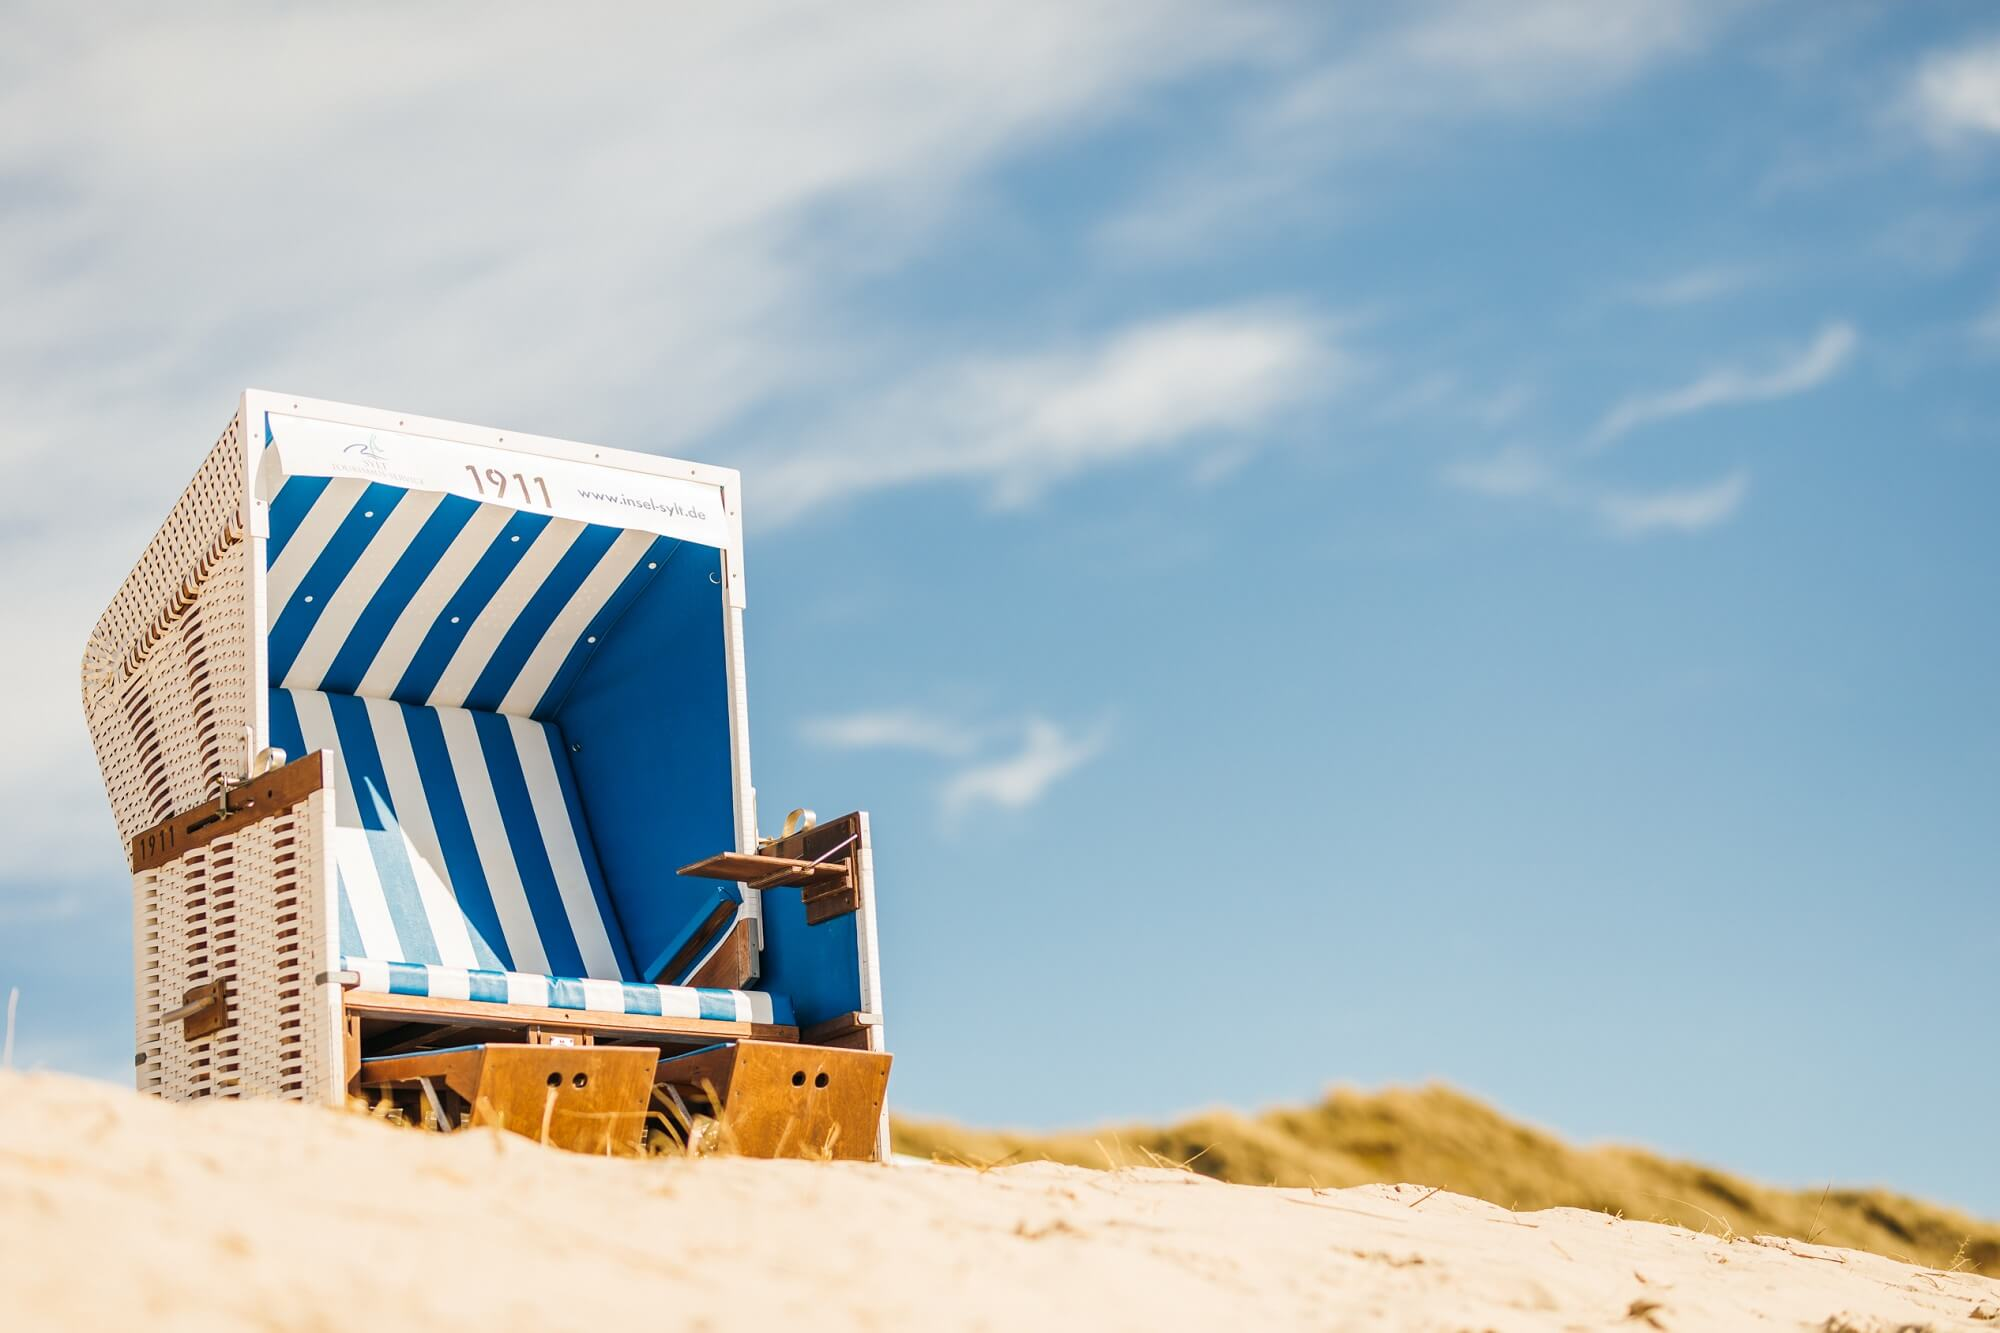 Der entspannendste Platz am Strand